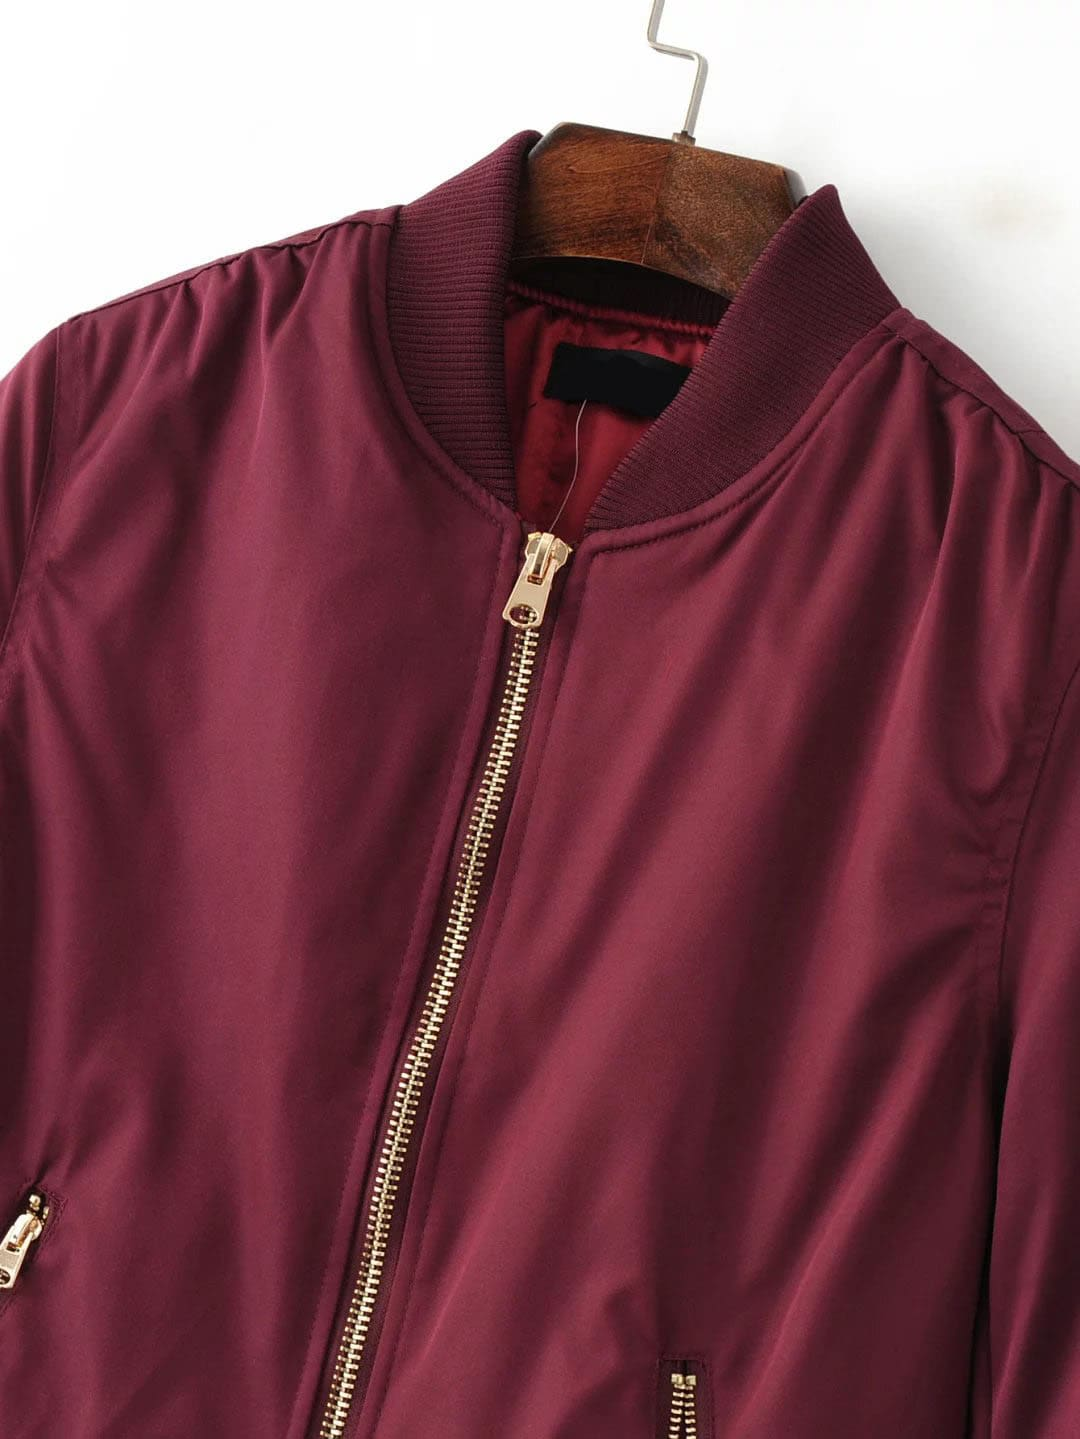 jacket161119209_2